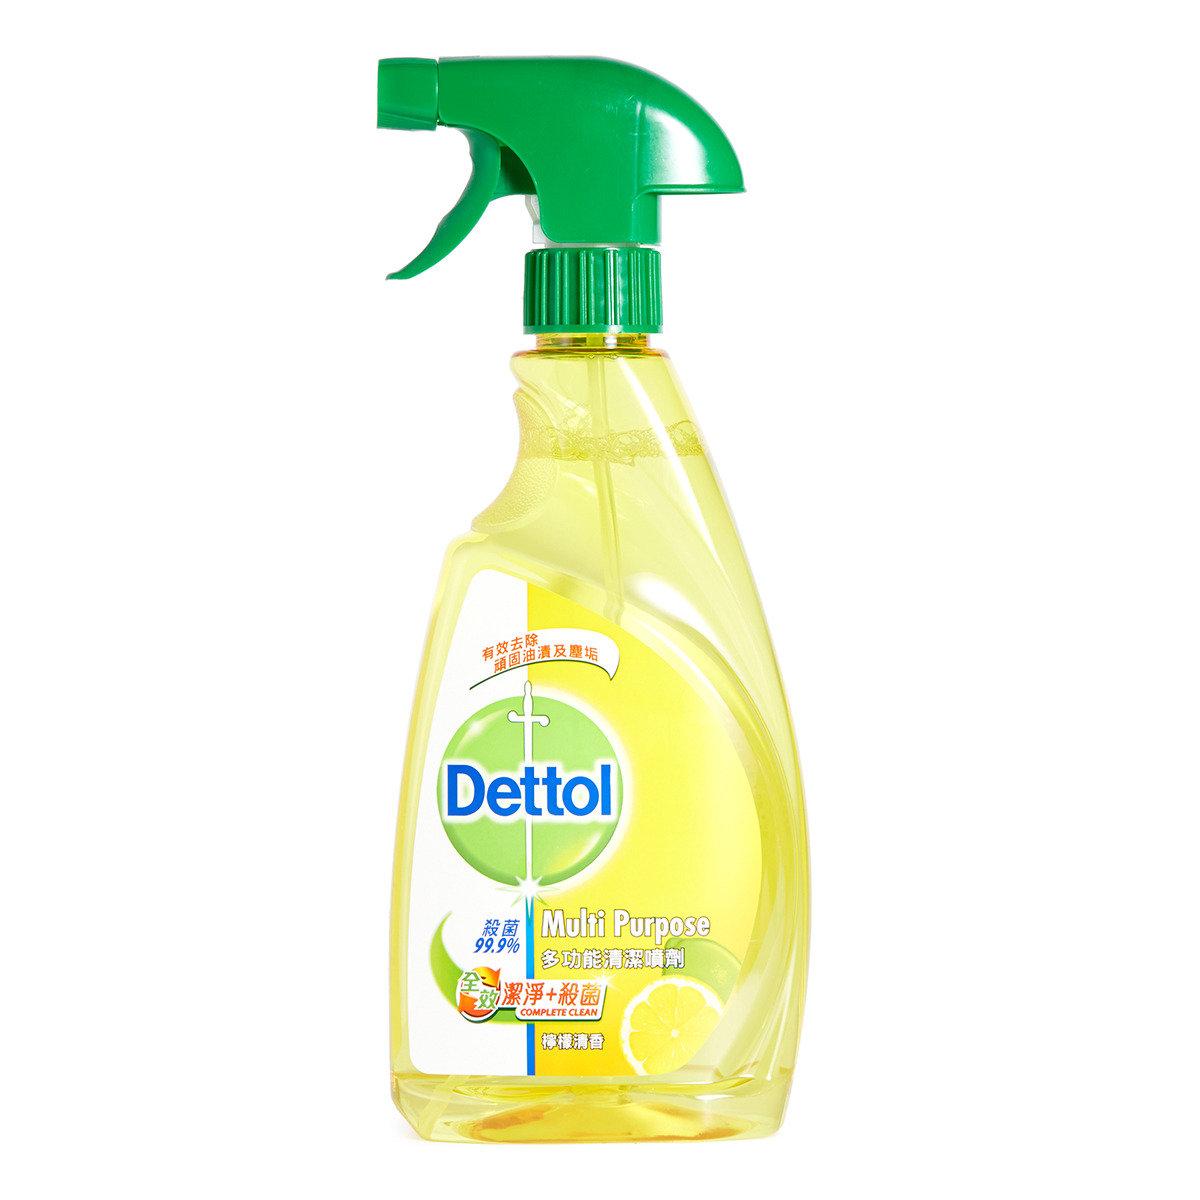 全效潔淨殺菌多功能清潔噴劑 (檸檬香味)